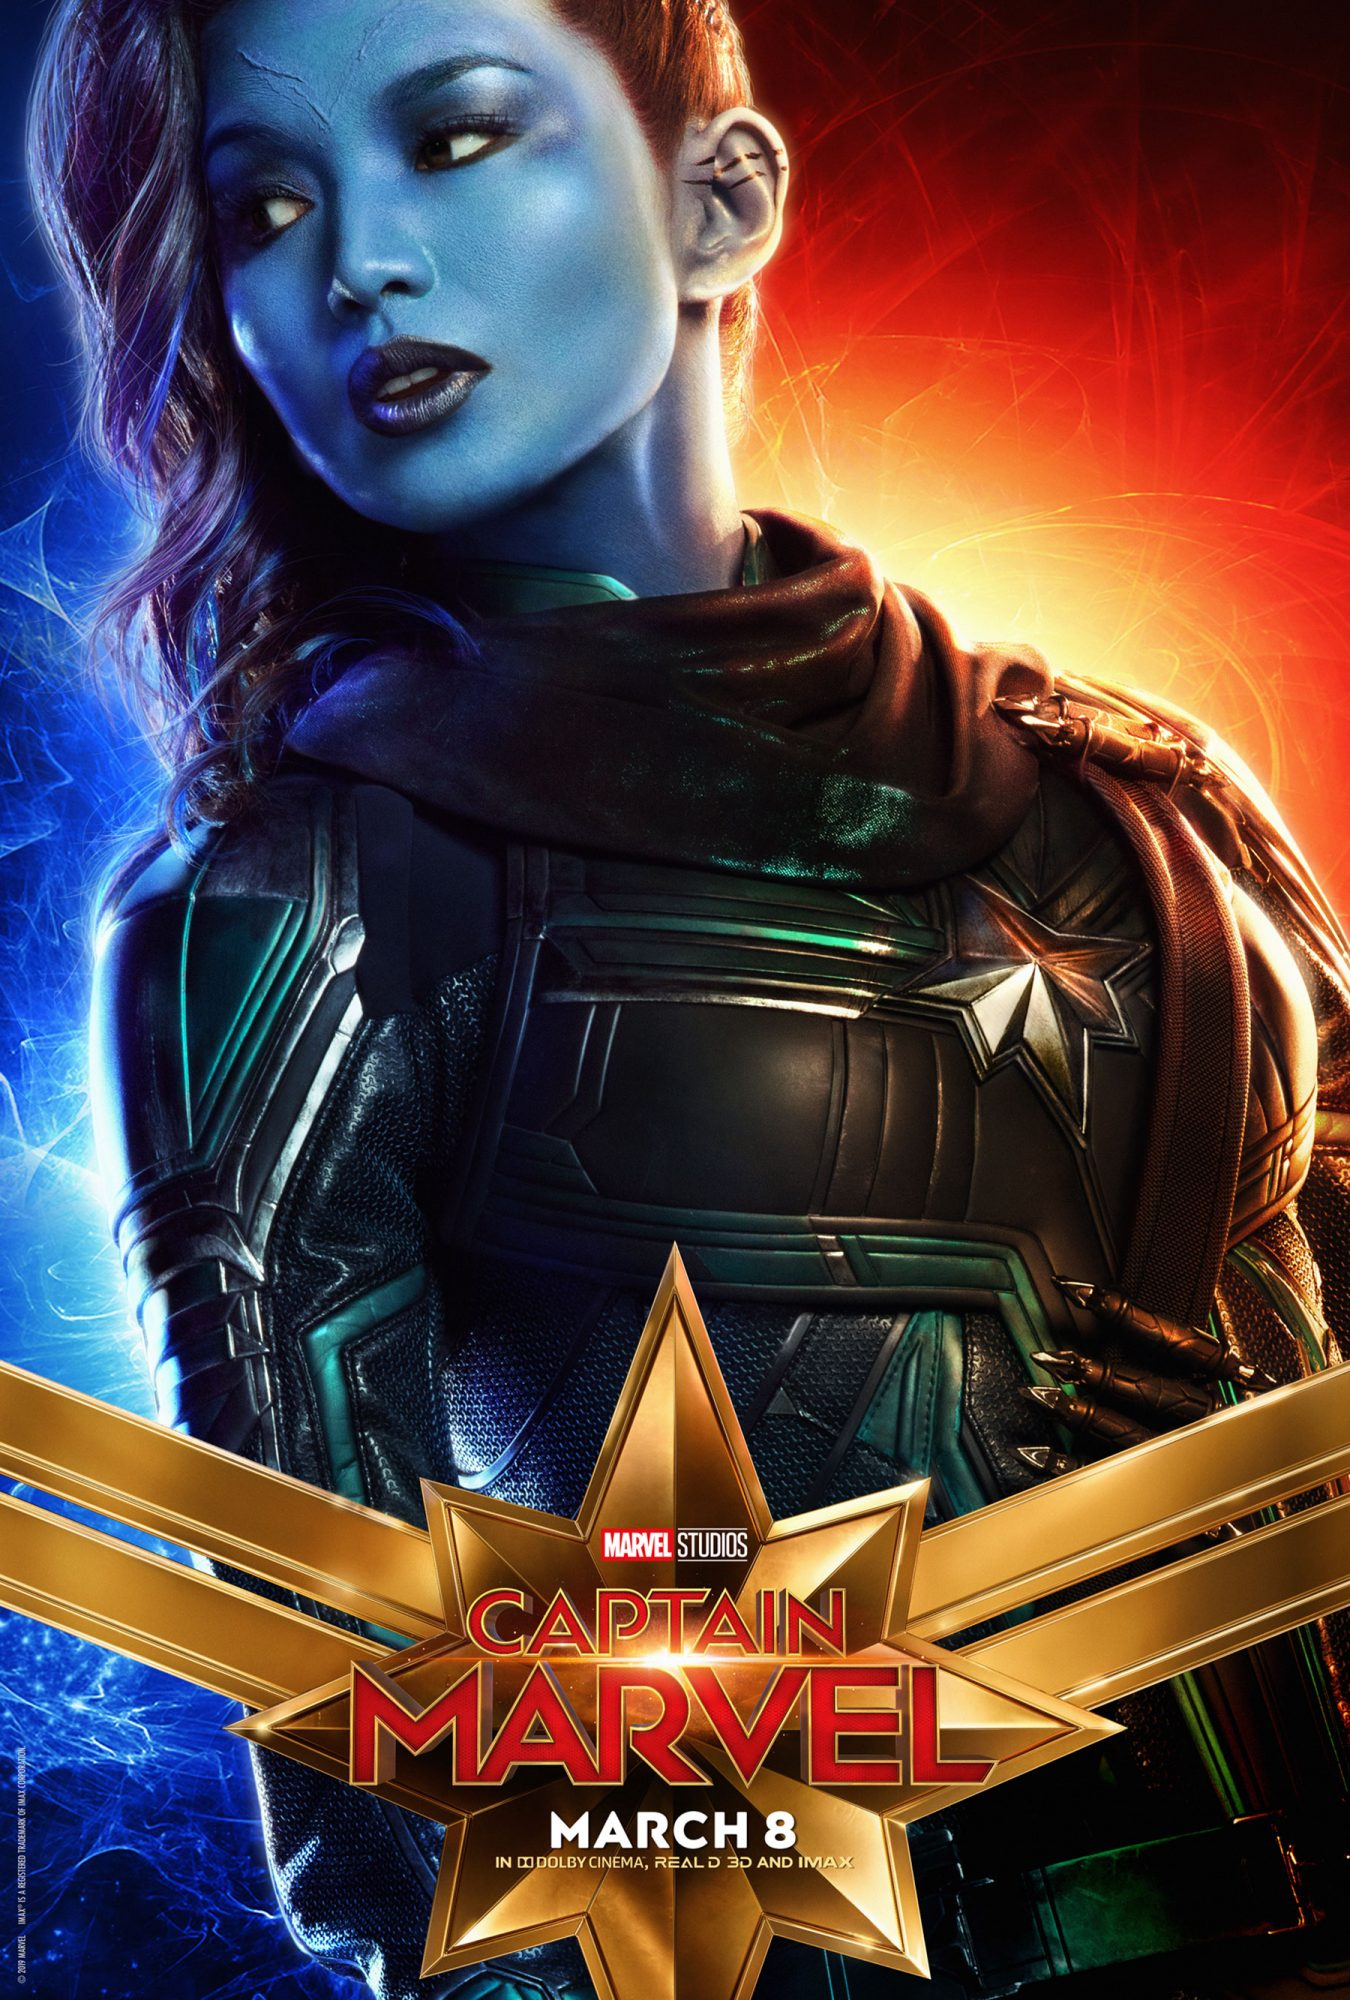 Captain Marvel (2019) posterCR: Marvel Studios